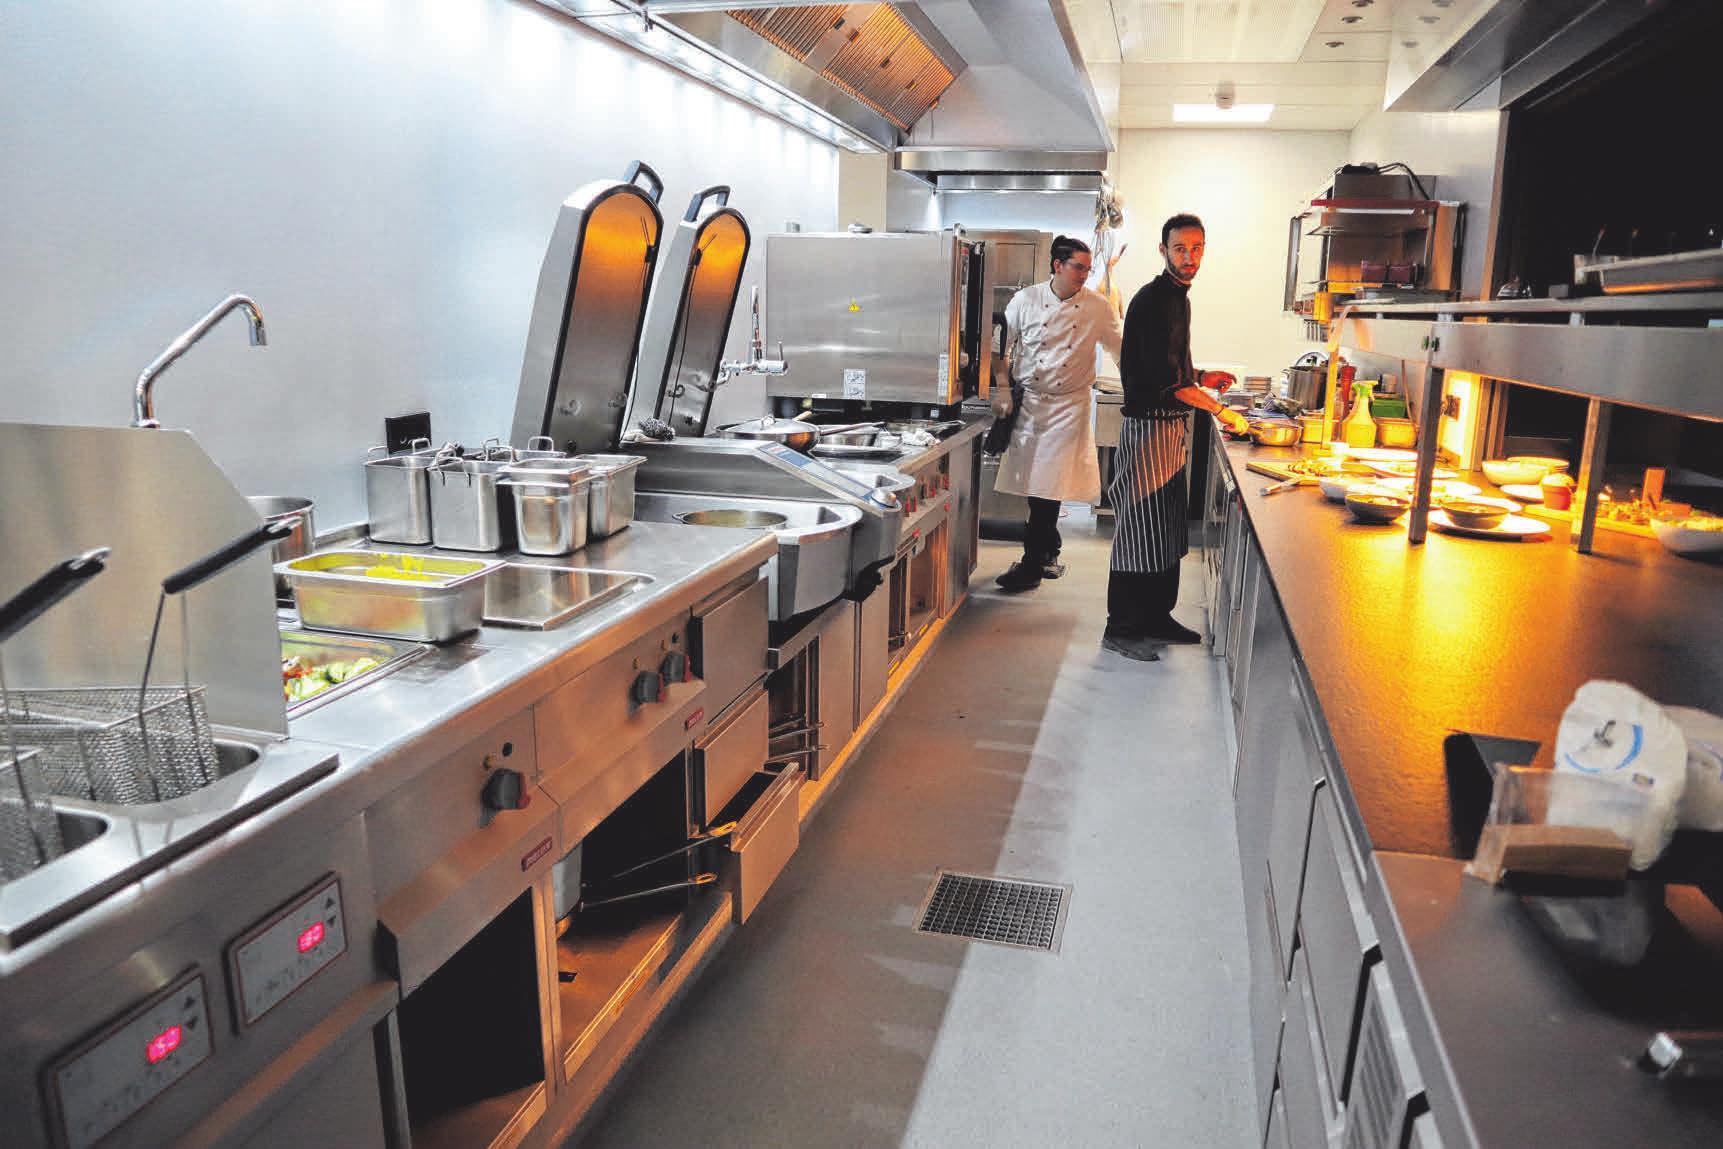 Das Küchenpersonal darf seit etwa einer Woche in der neuen Küche die Speisen zubereiten.